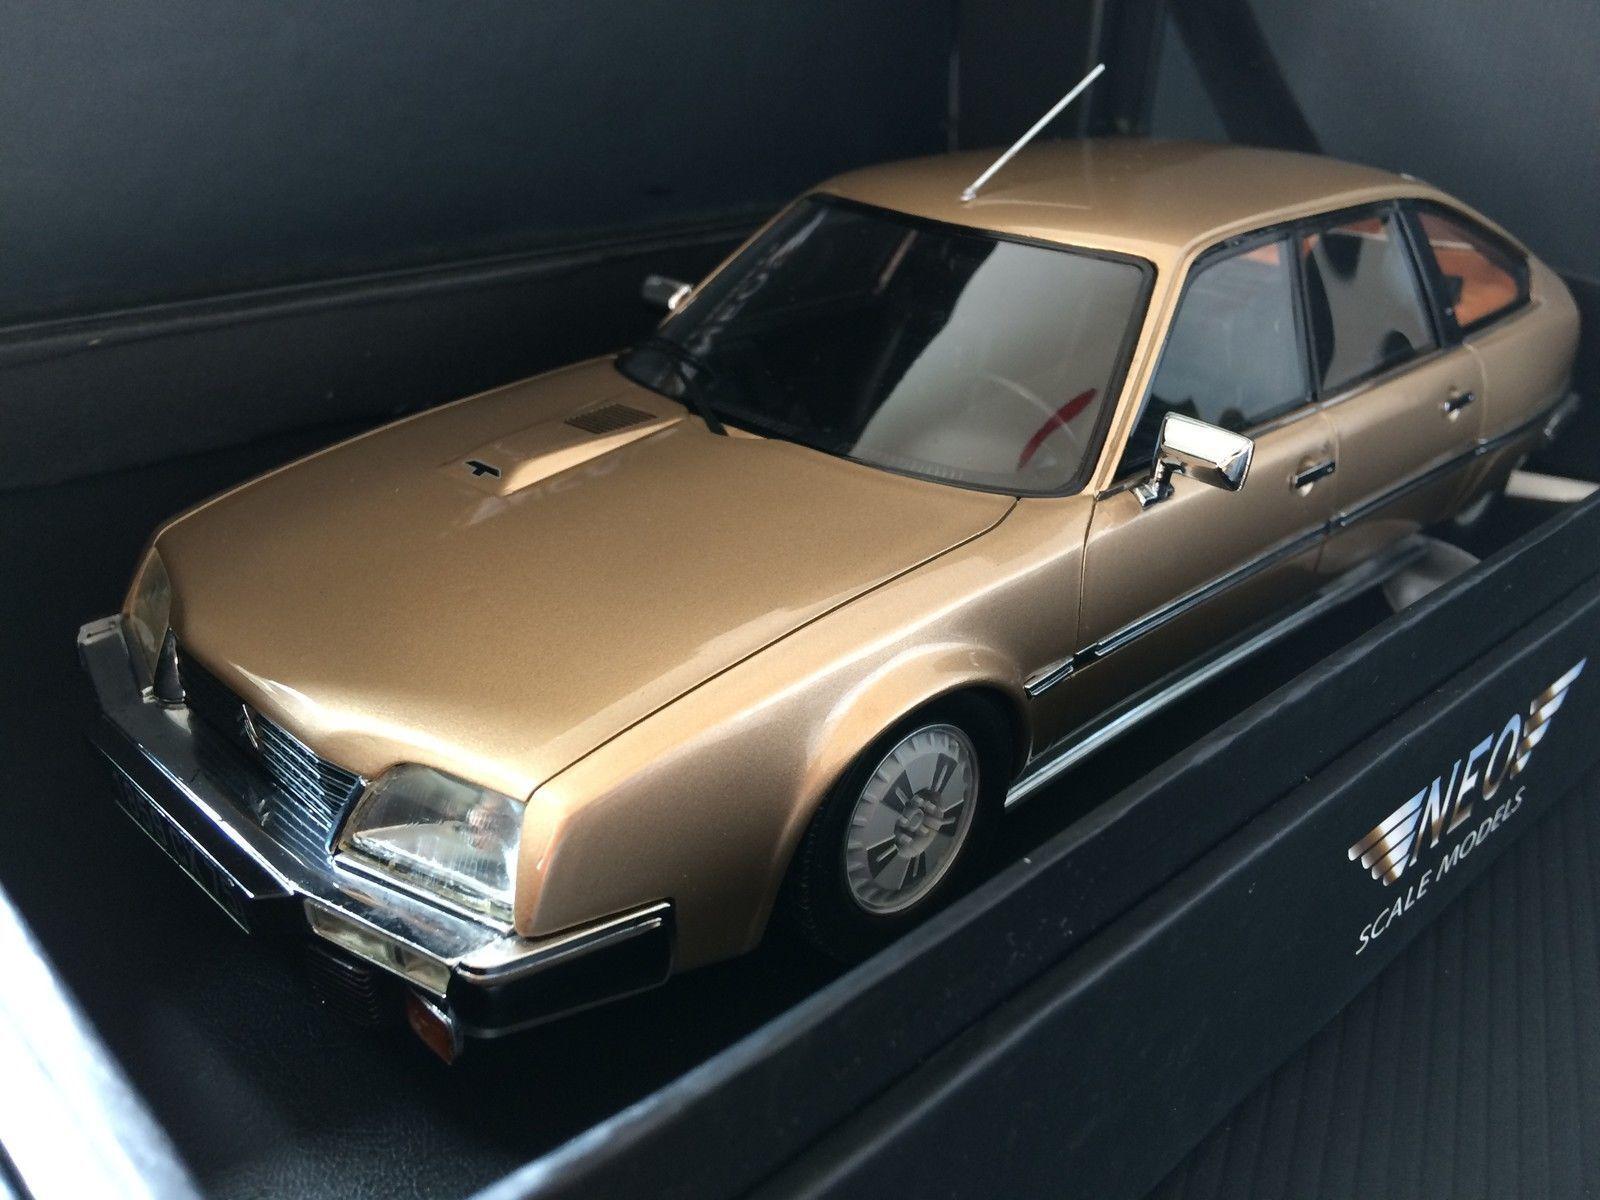 Neo 1 18 1982 Citroen CX Pallas, Beige Met (18059)